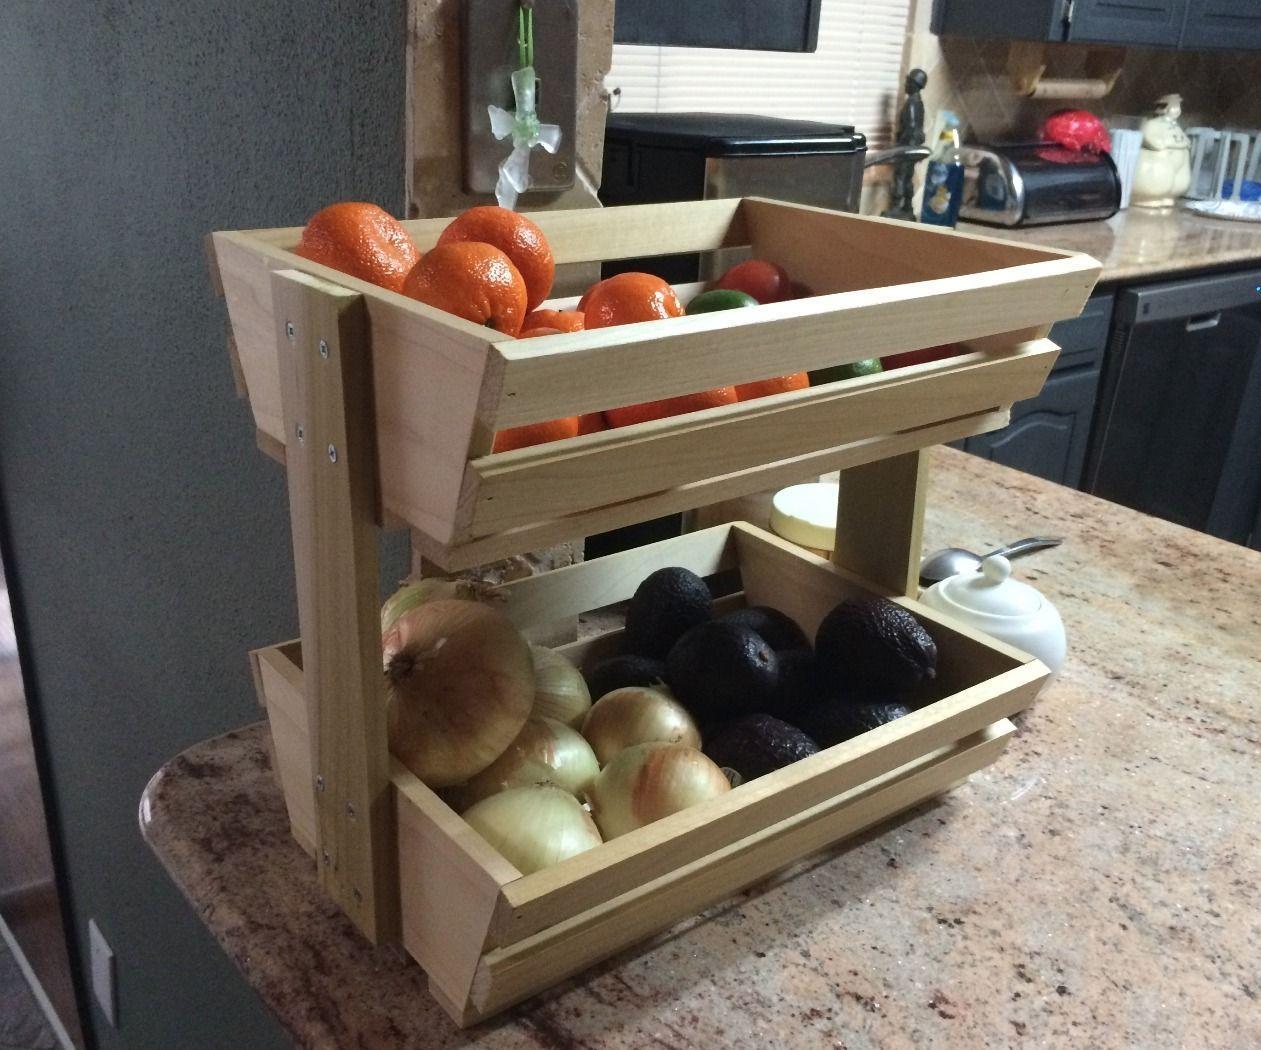 Easy Fruit Veggie Holder Diy & Crafts Woodworking